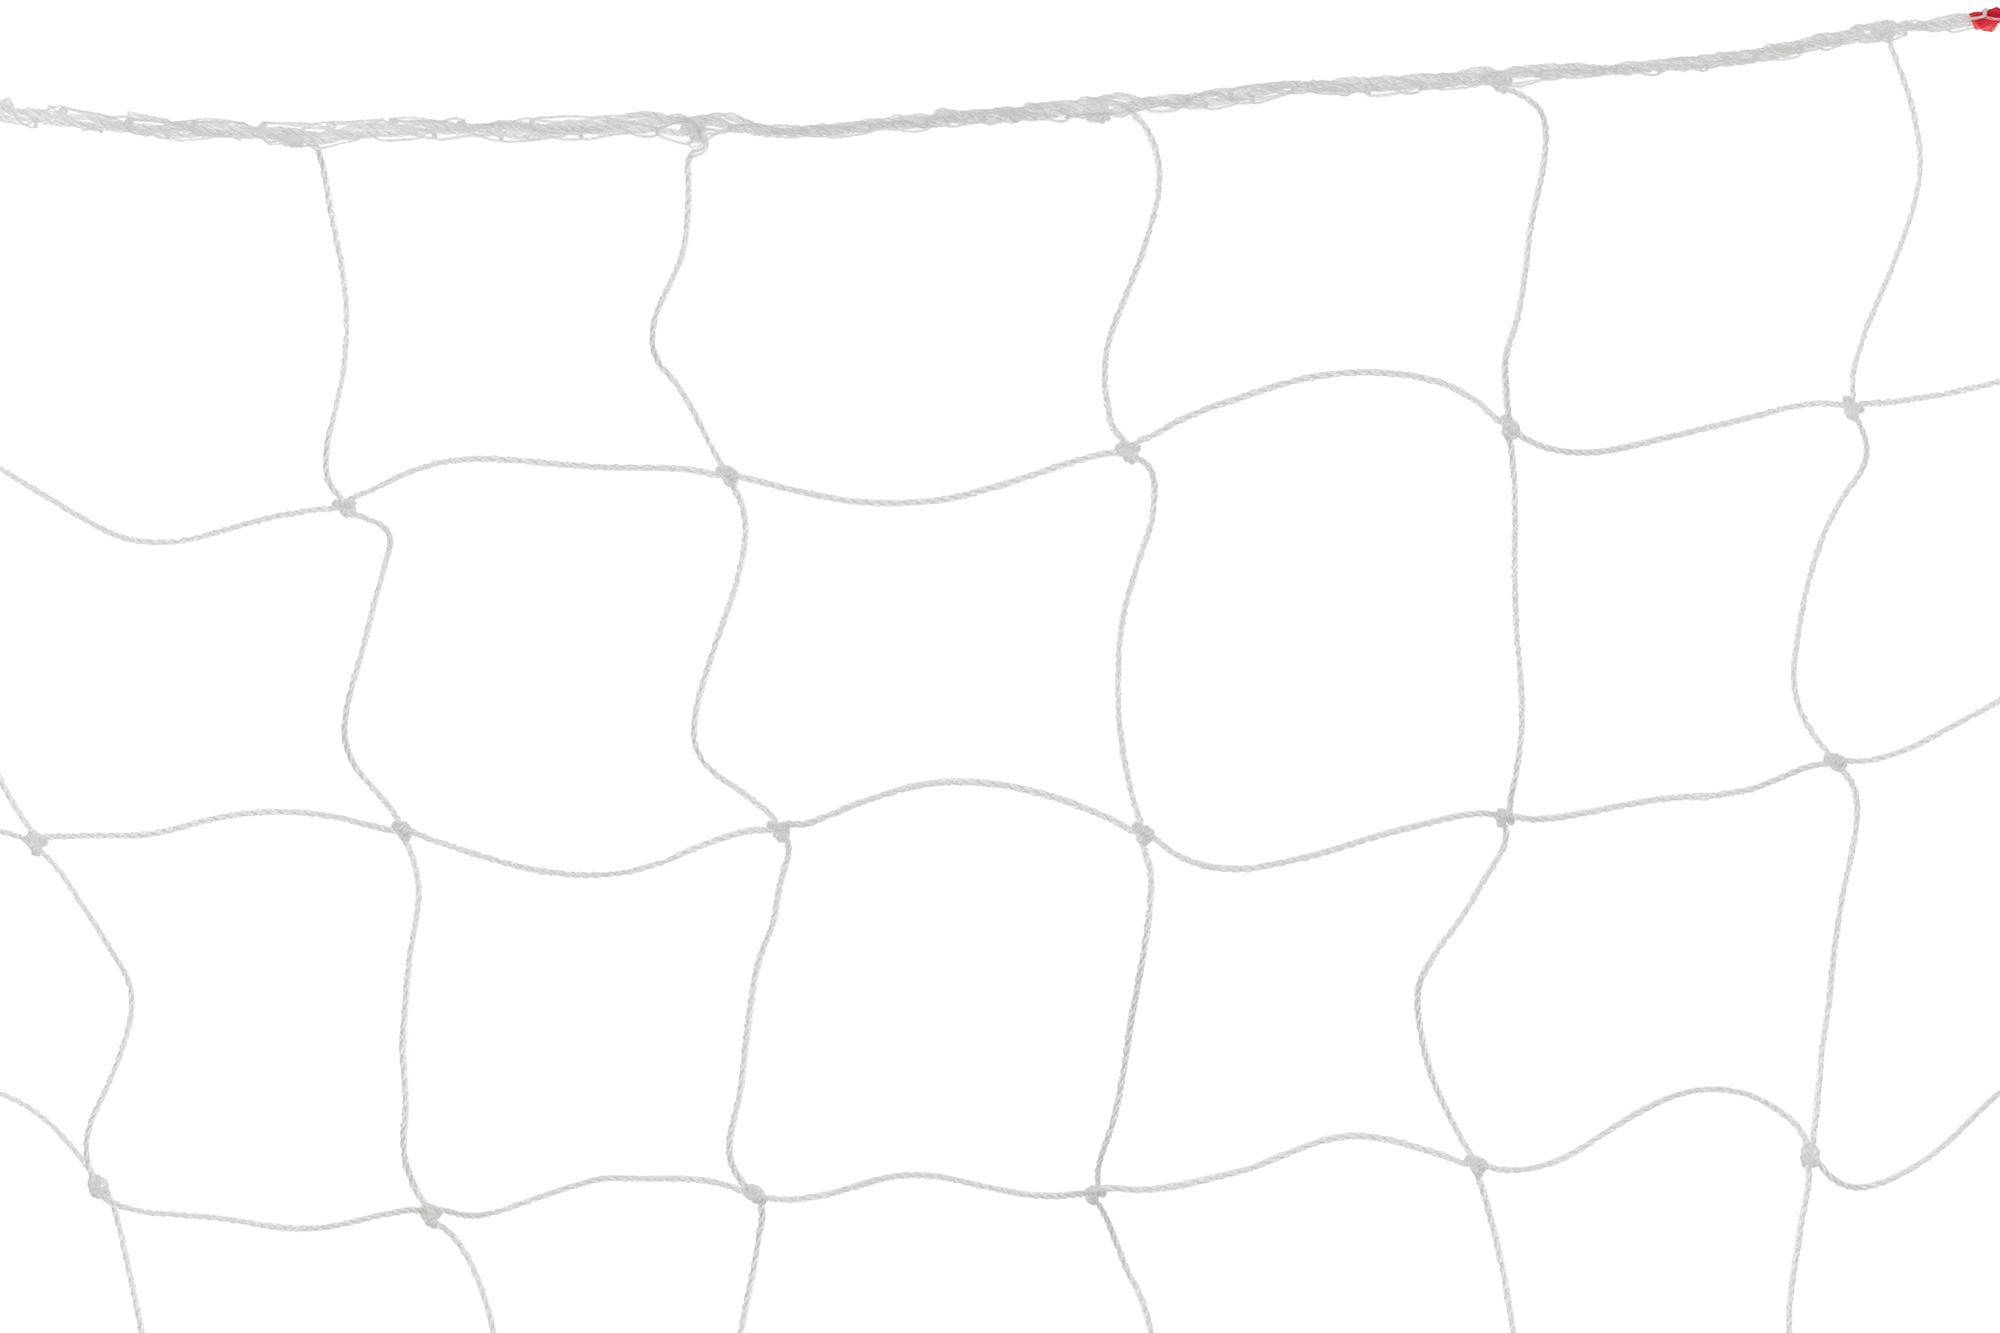 Demix Сетка для футбольных ворот Demix, 120 x 80 см цена